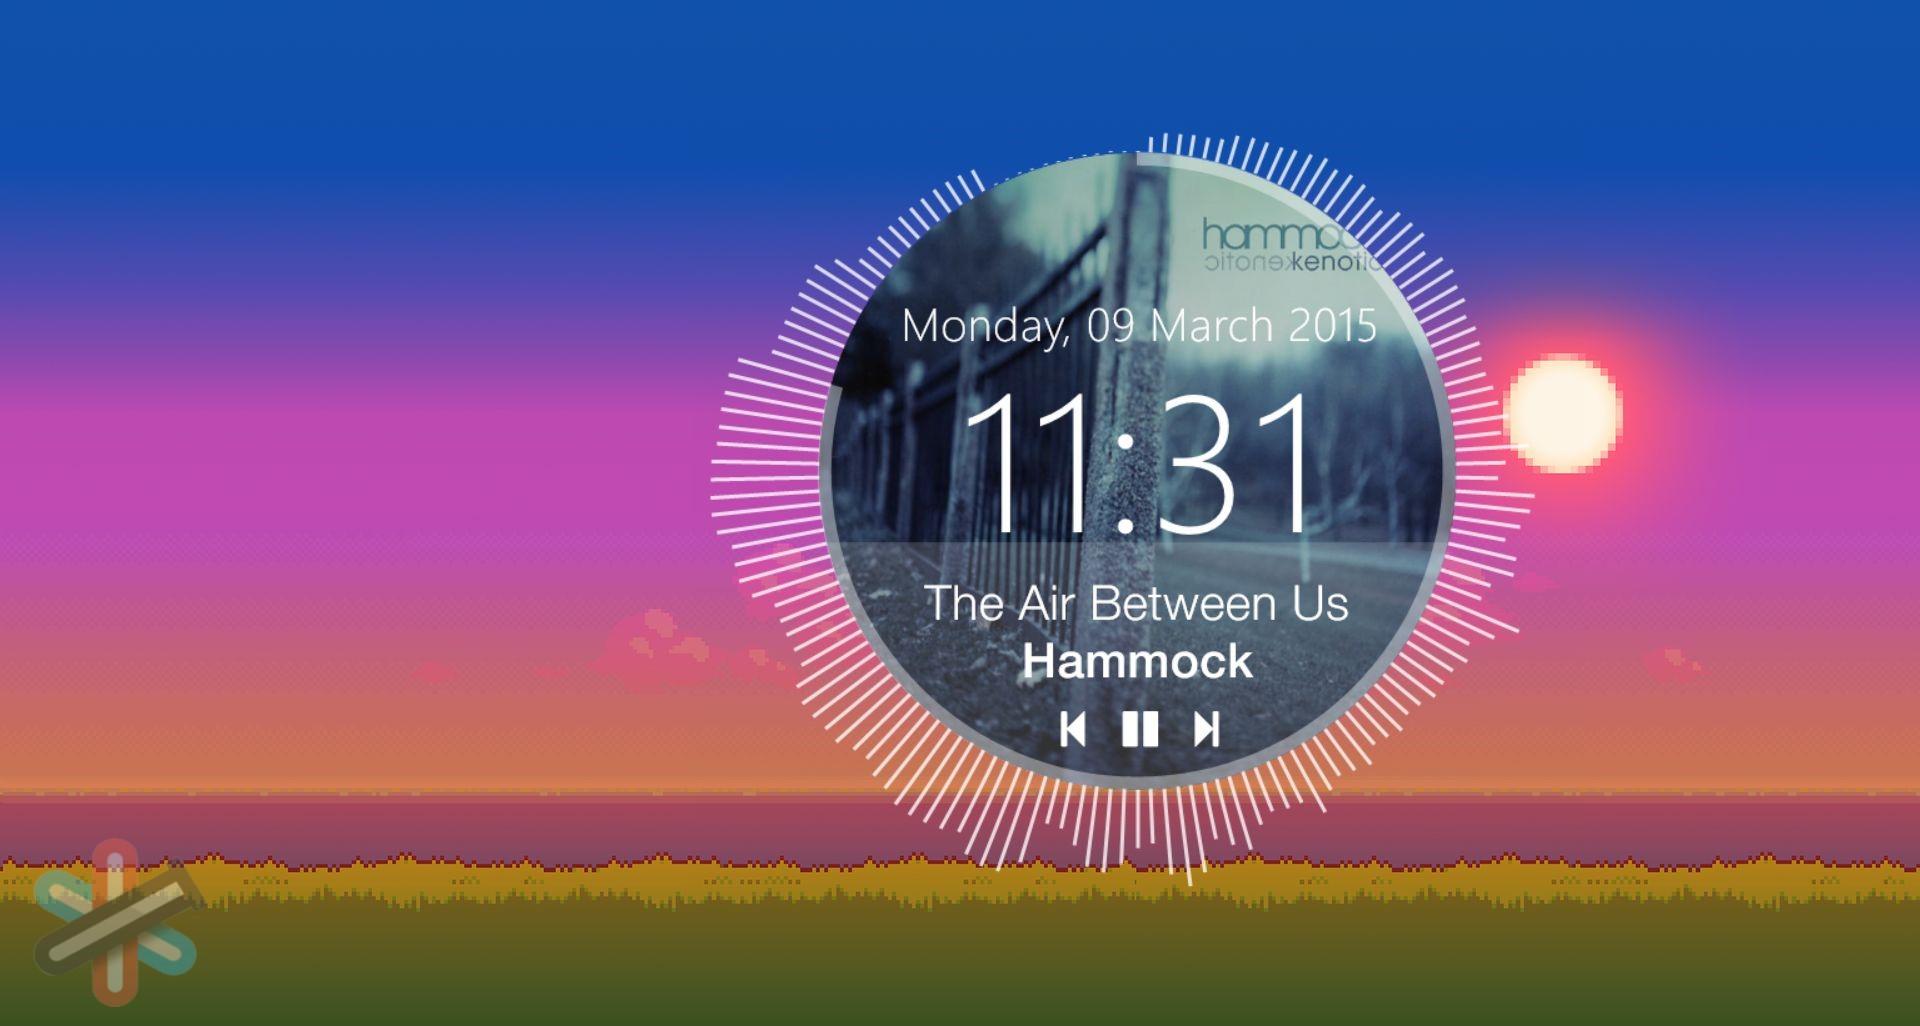 دانلود نرم افزار Rainmeter 4.3 – زیباسازی دسکتاپ